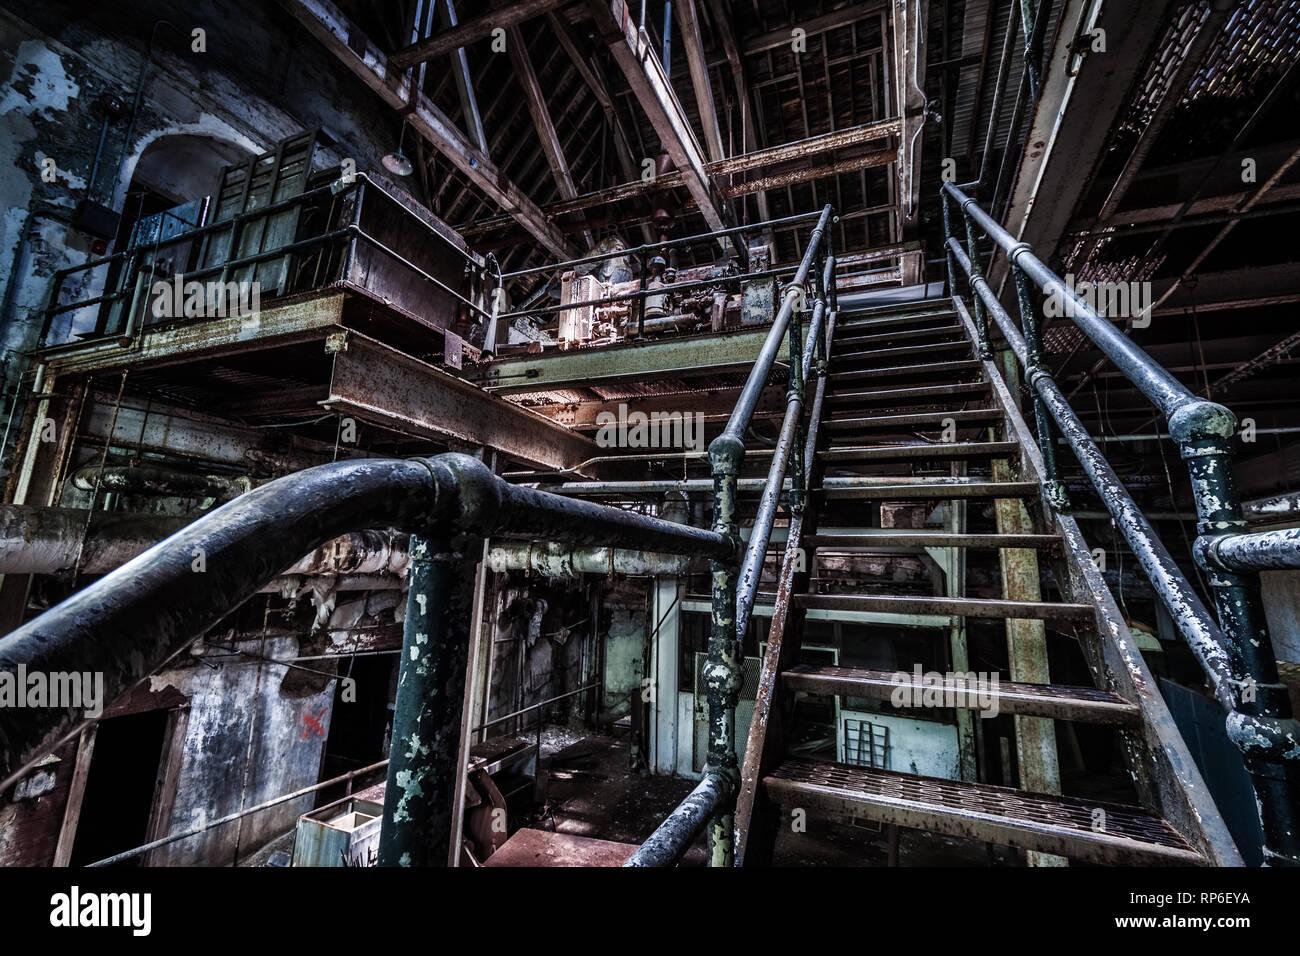 Keller eines verlassenen psychiatrischen Krankenhaus Stockbild